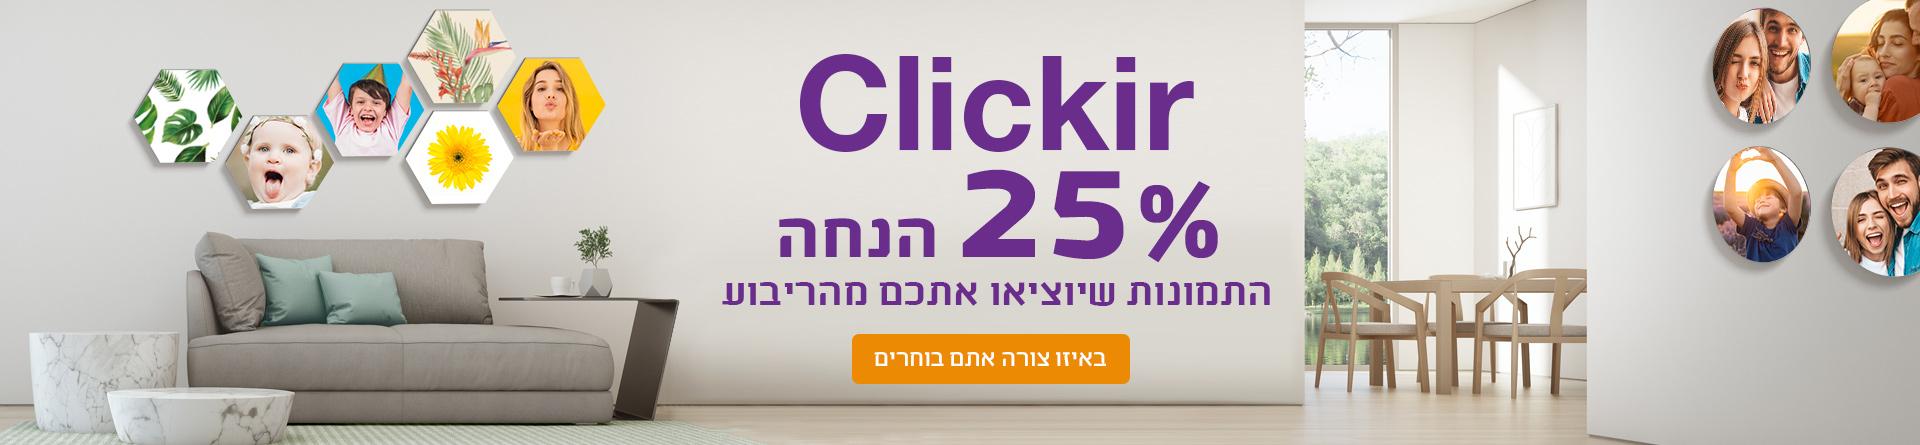 clickir 25%  -11.10